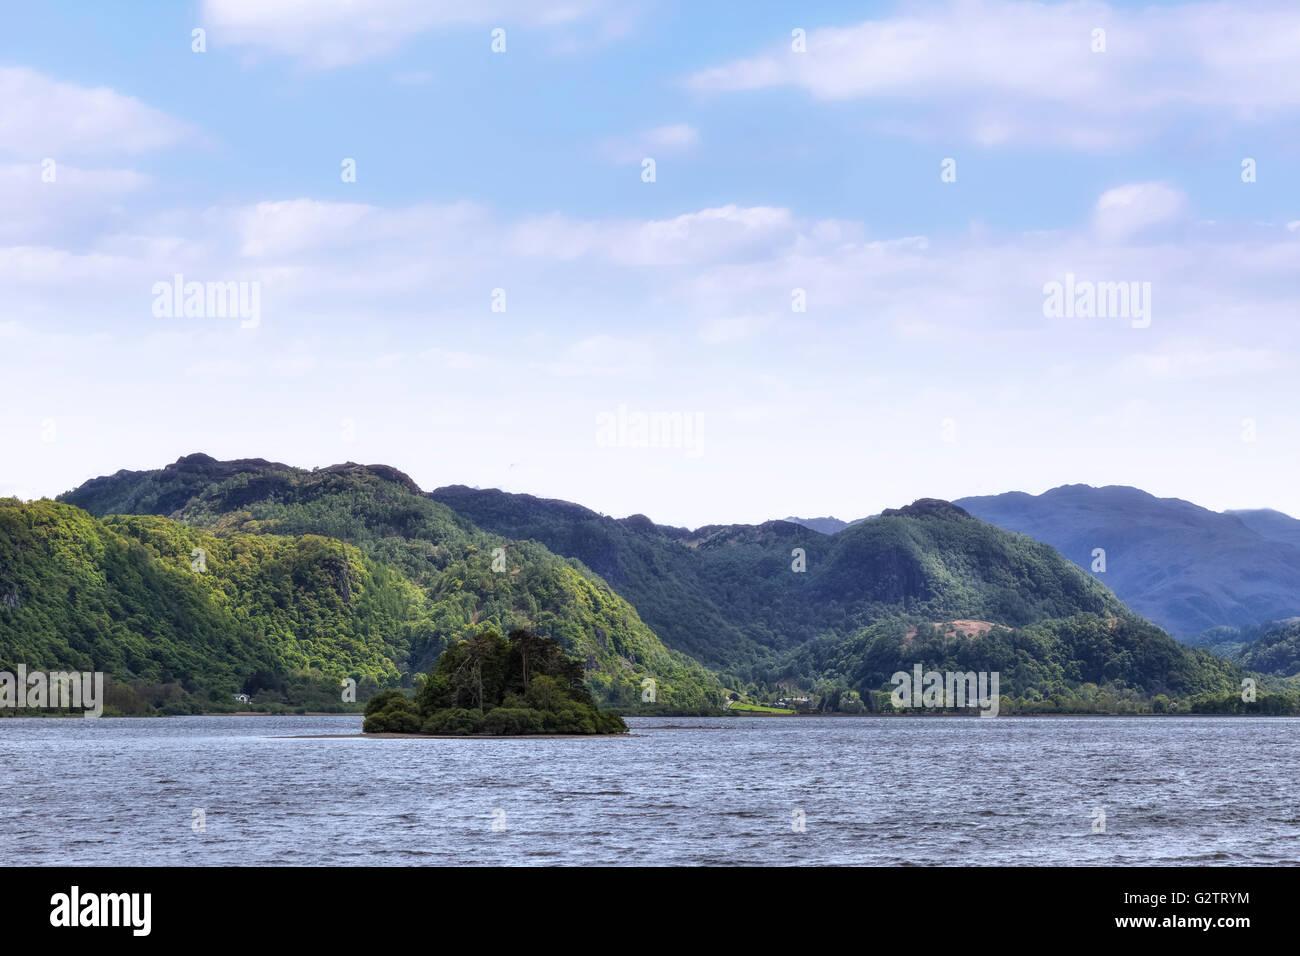 Keswick, Derwentwater, Lake District, Cumbria, England, UK - Stock Image